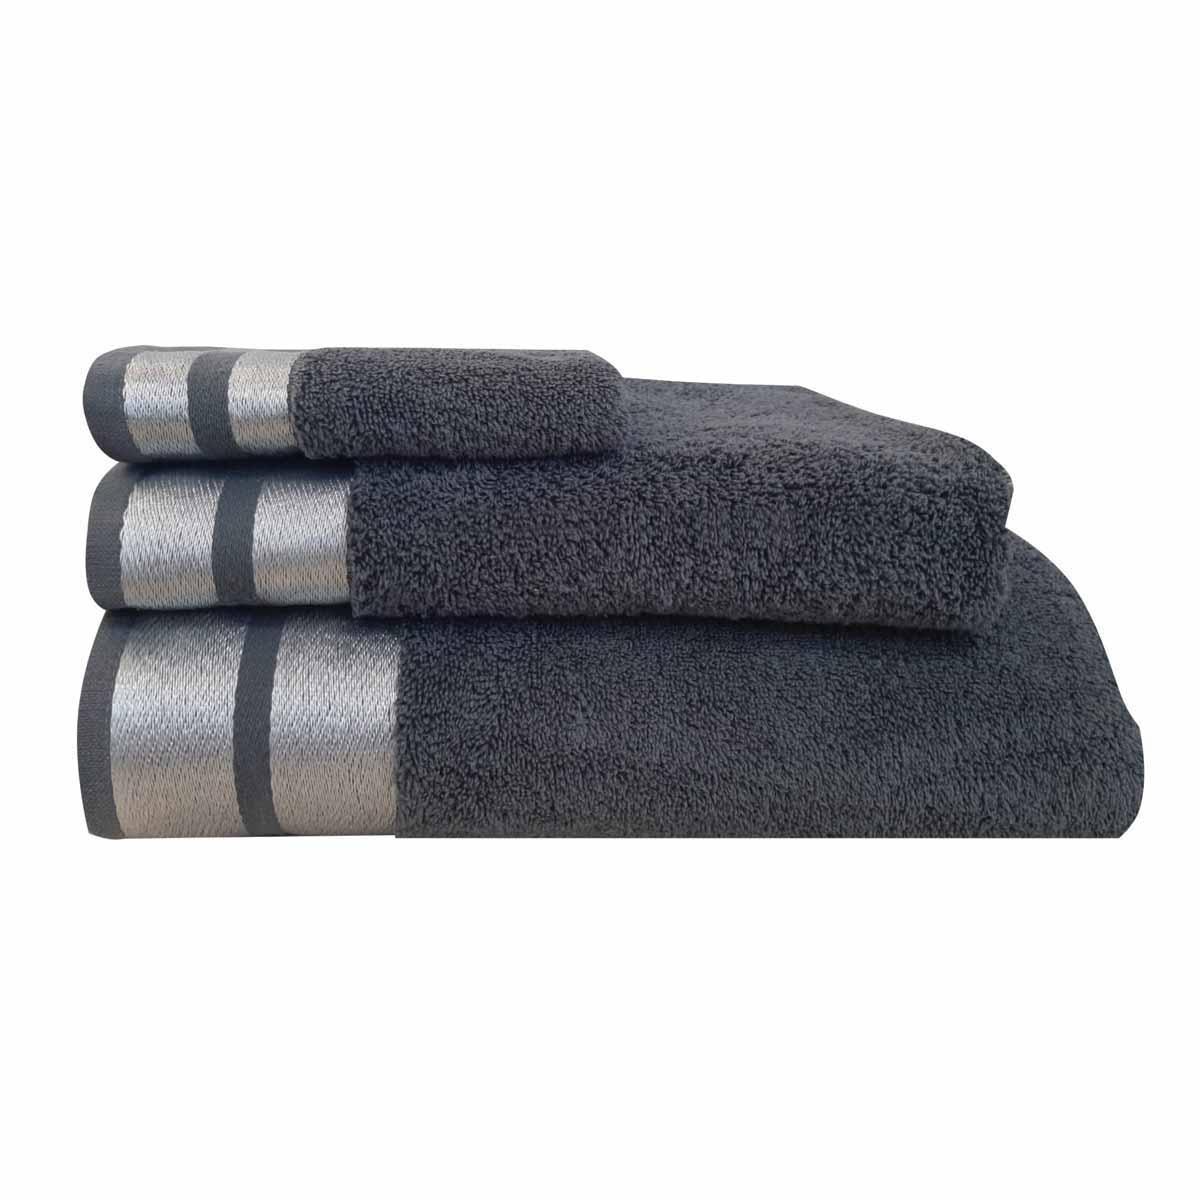 Πετσέτες Μπάνιου (Σετ 3τμχ) Makis Tselios Ice Ανθρακί